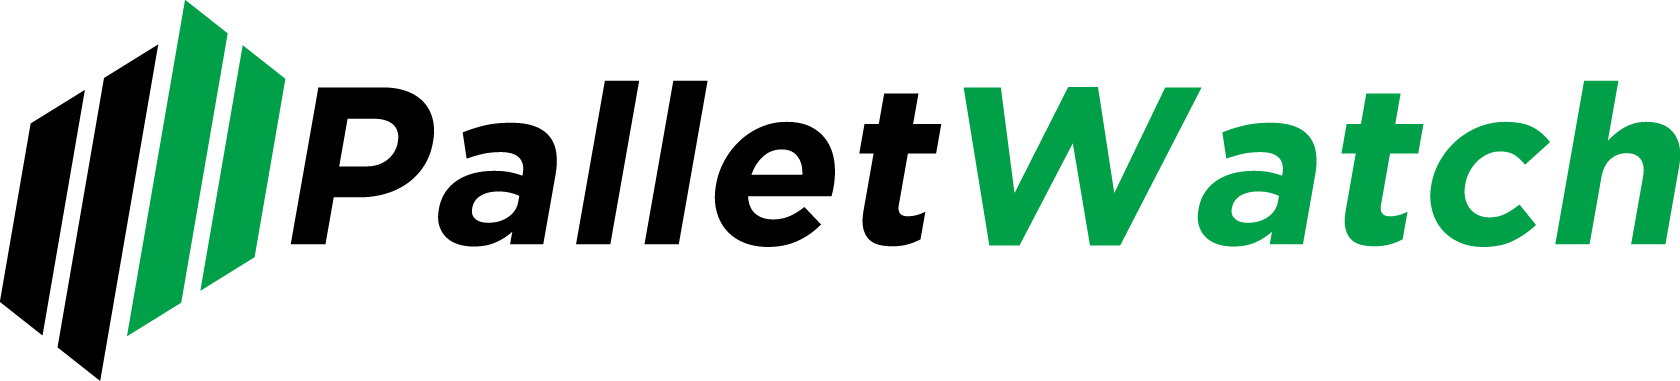 PalletWatch